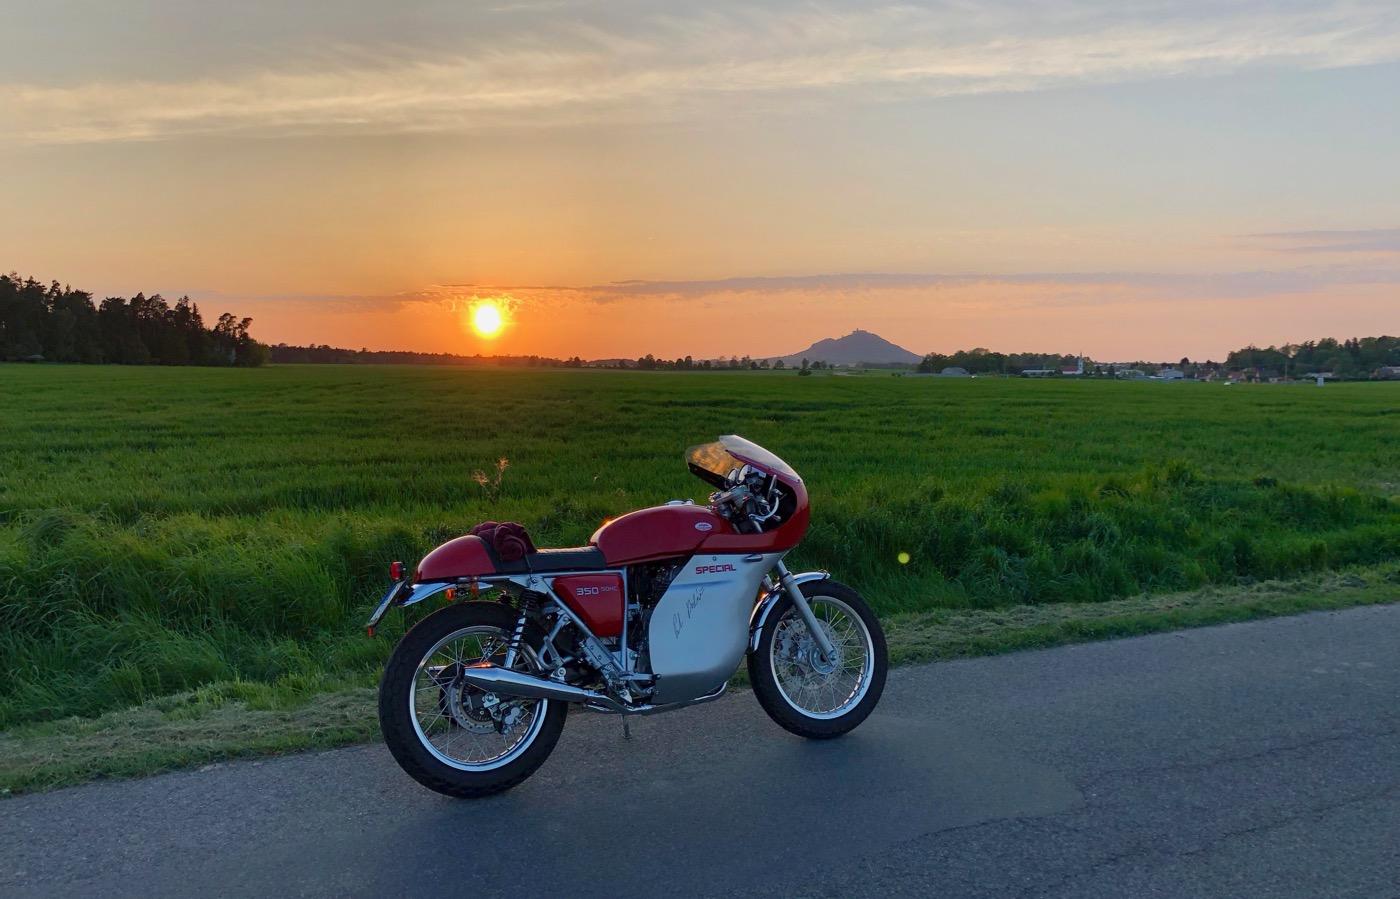 Jawa 350 Speciál a zapadající slunce